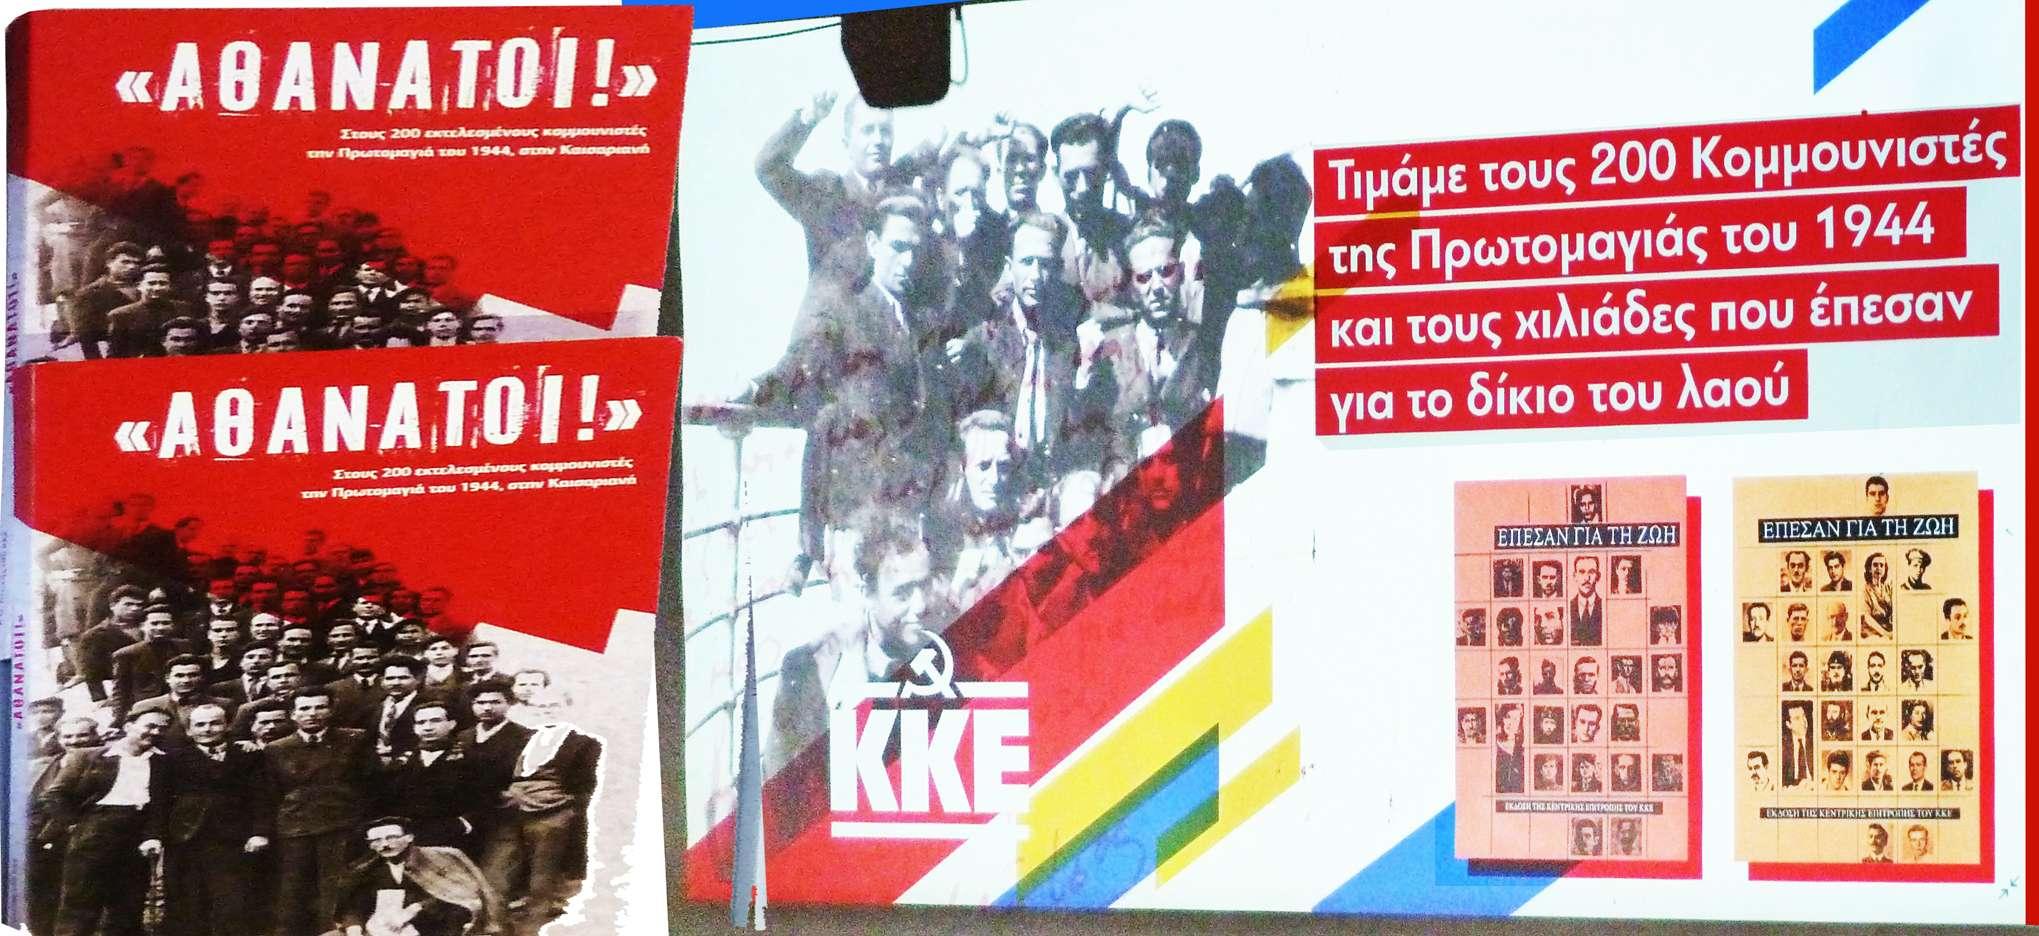 Εκδήλωση στην Καισαριανή, αφιερωμένη στους 200 κομμουνιστές και στους χιλιάδες που έπεσαν για το δίκιο του λαού